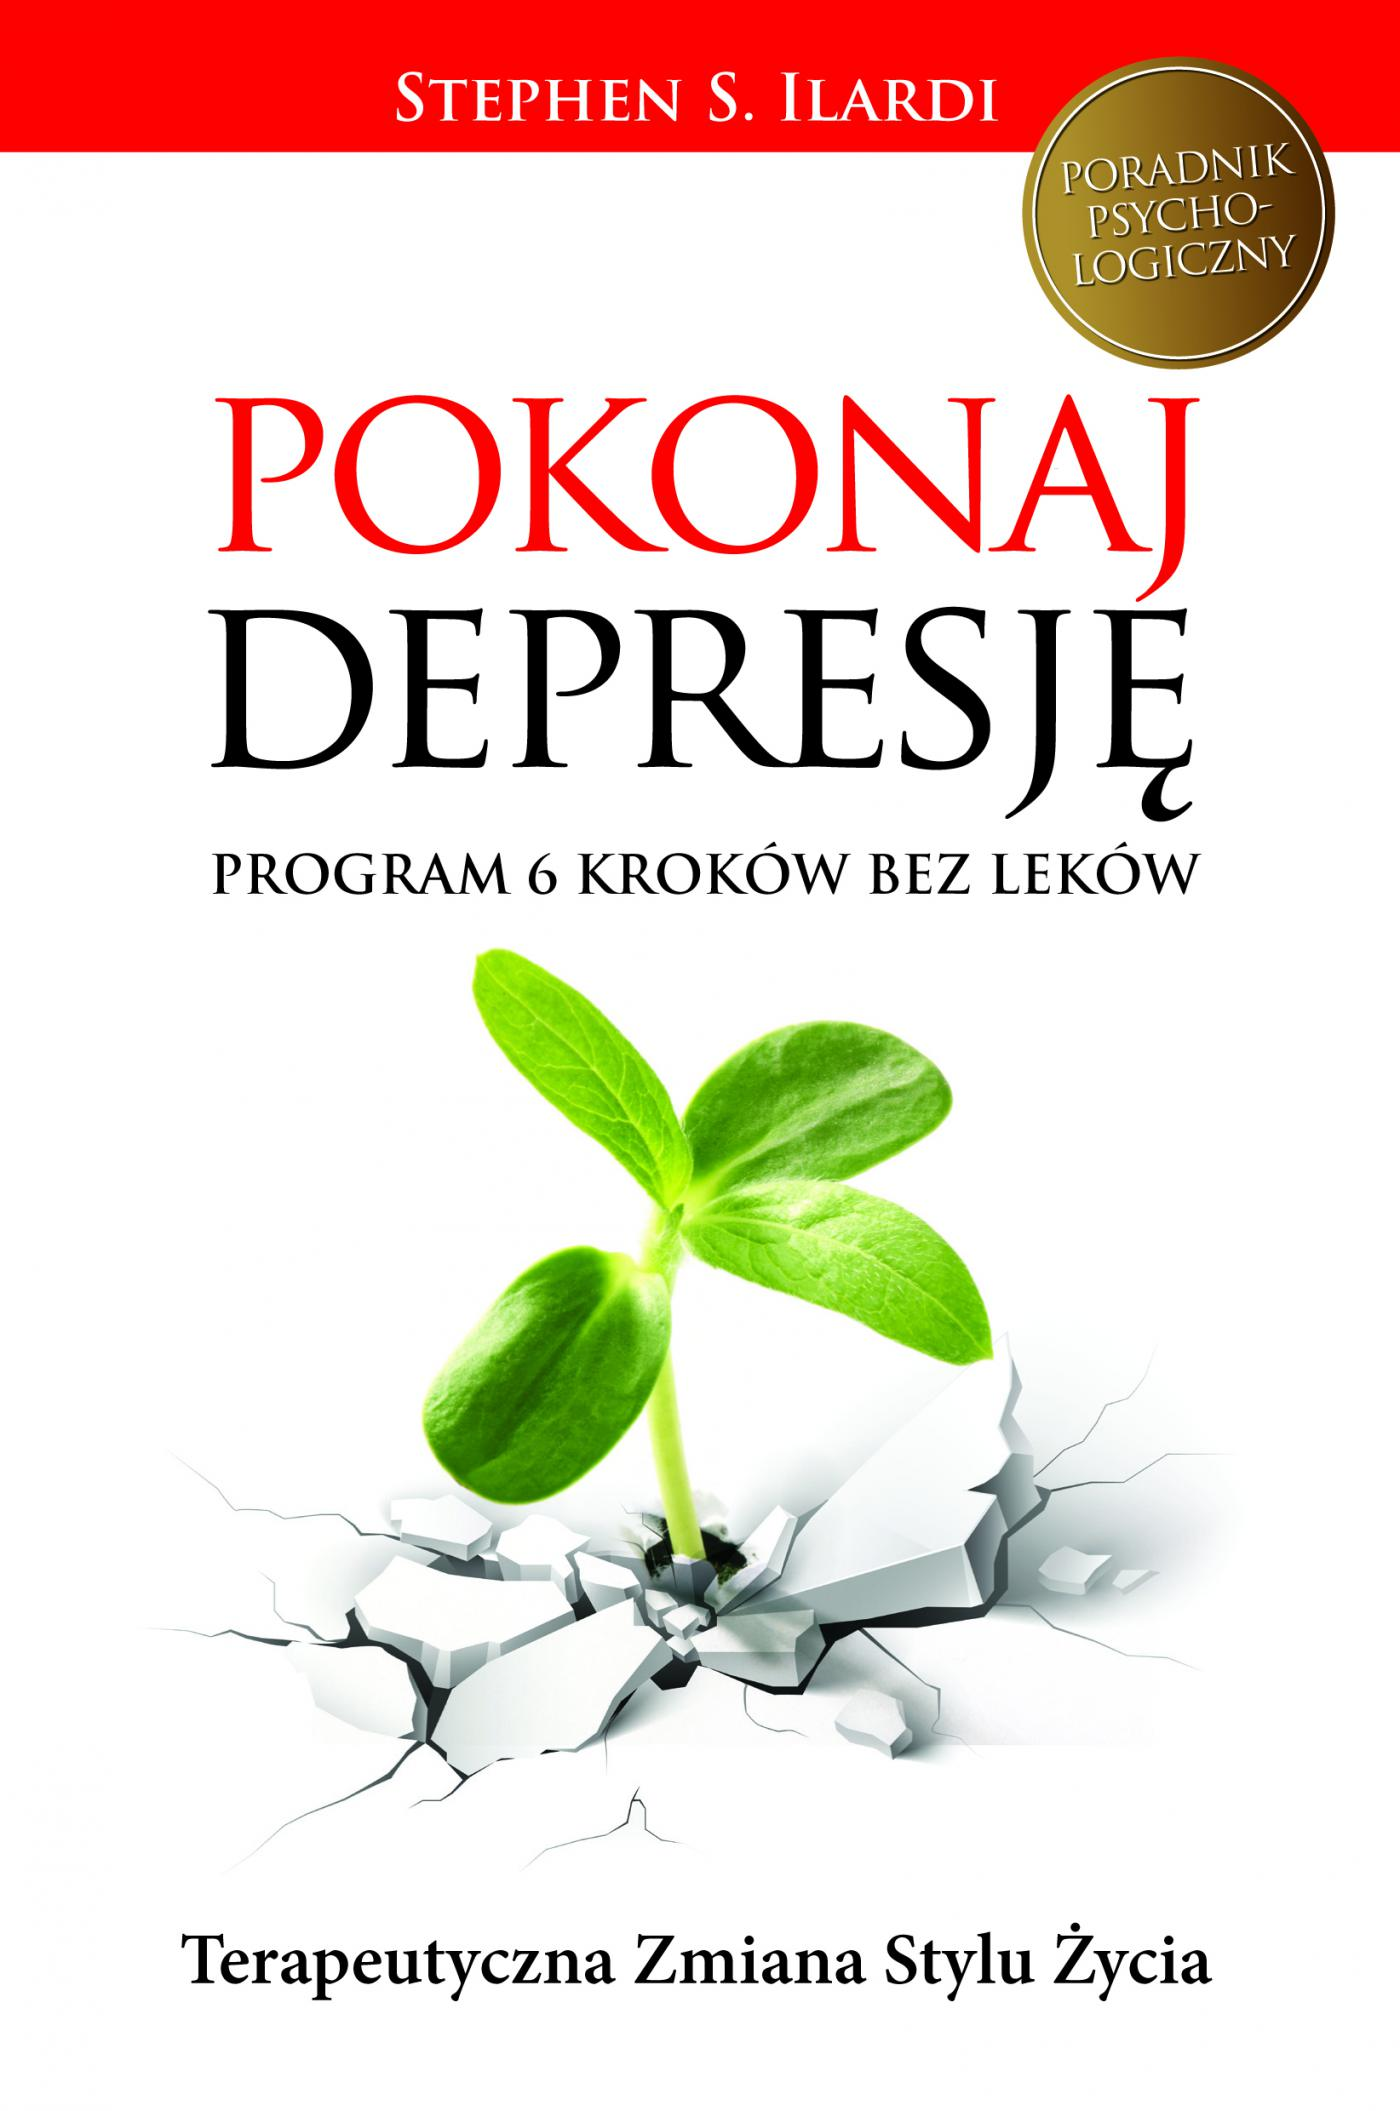 Pokonaj depresję. Program 6 kroków bez leków - Ebook (Książka EPUB) do pobrania w formacie EPUB